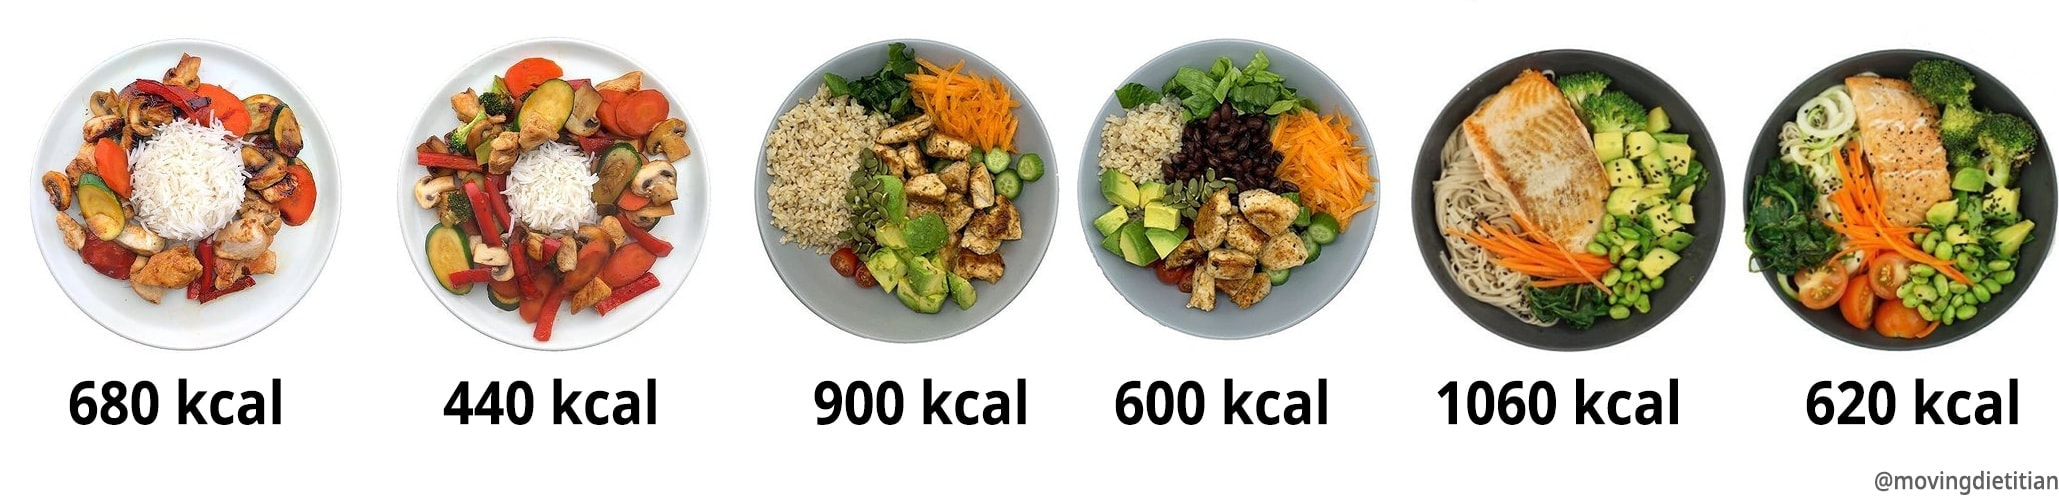 usporedba kalorija u obrocima